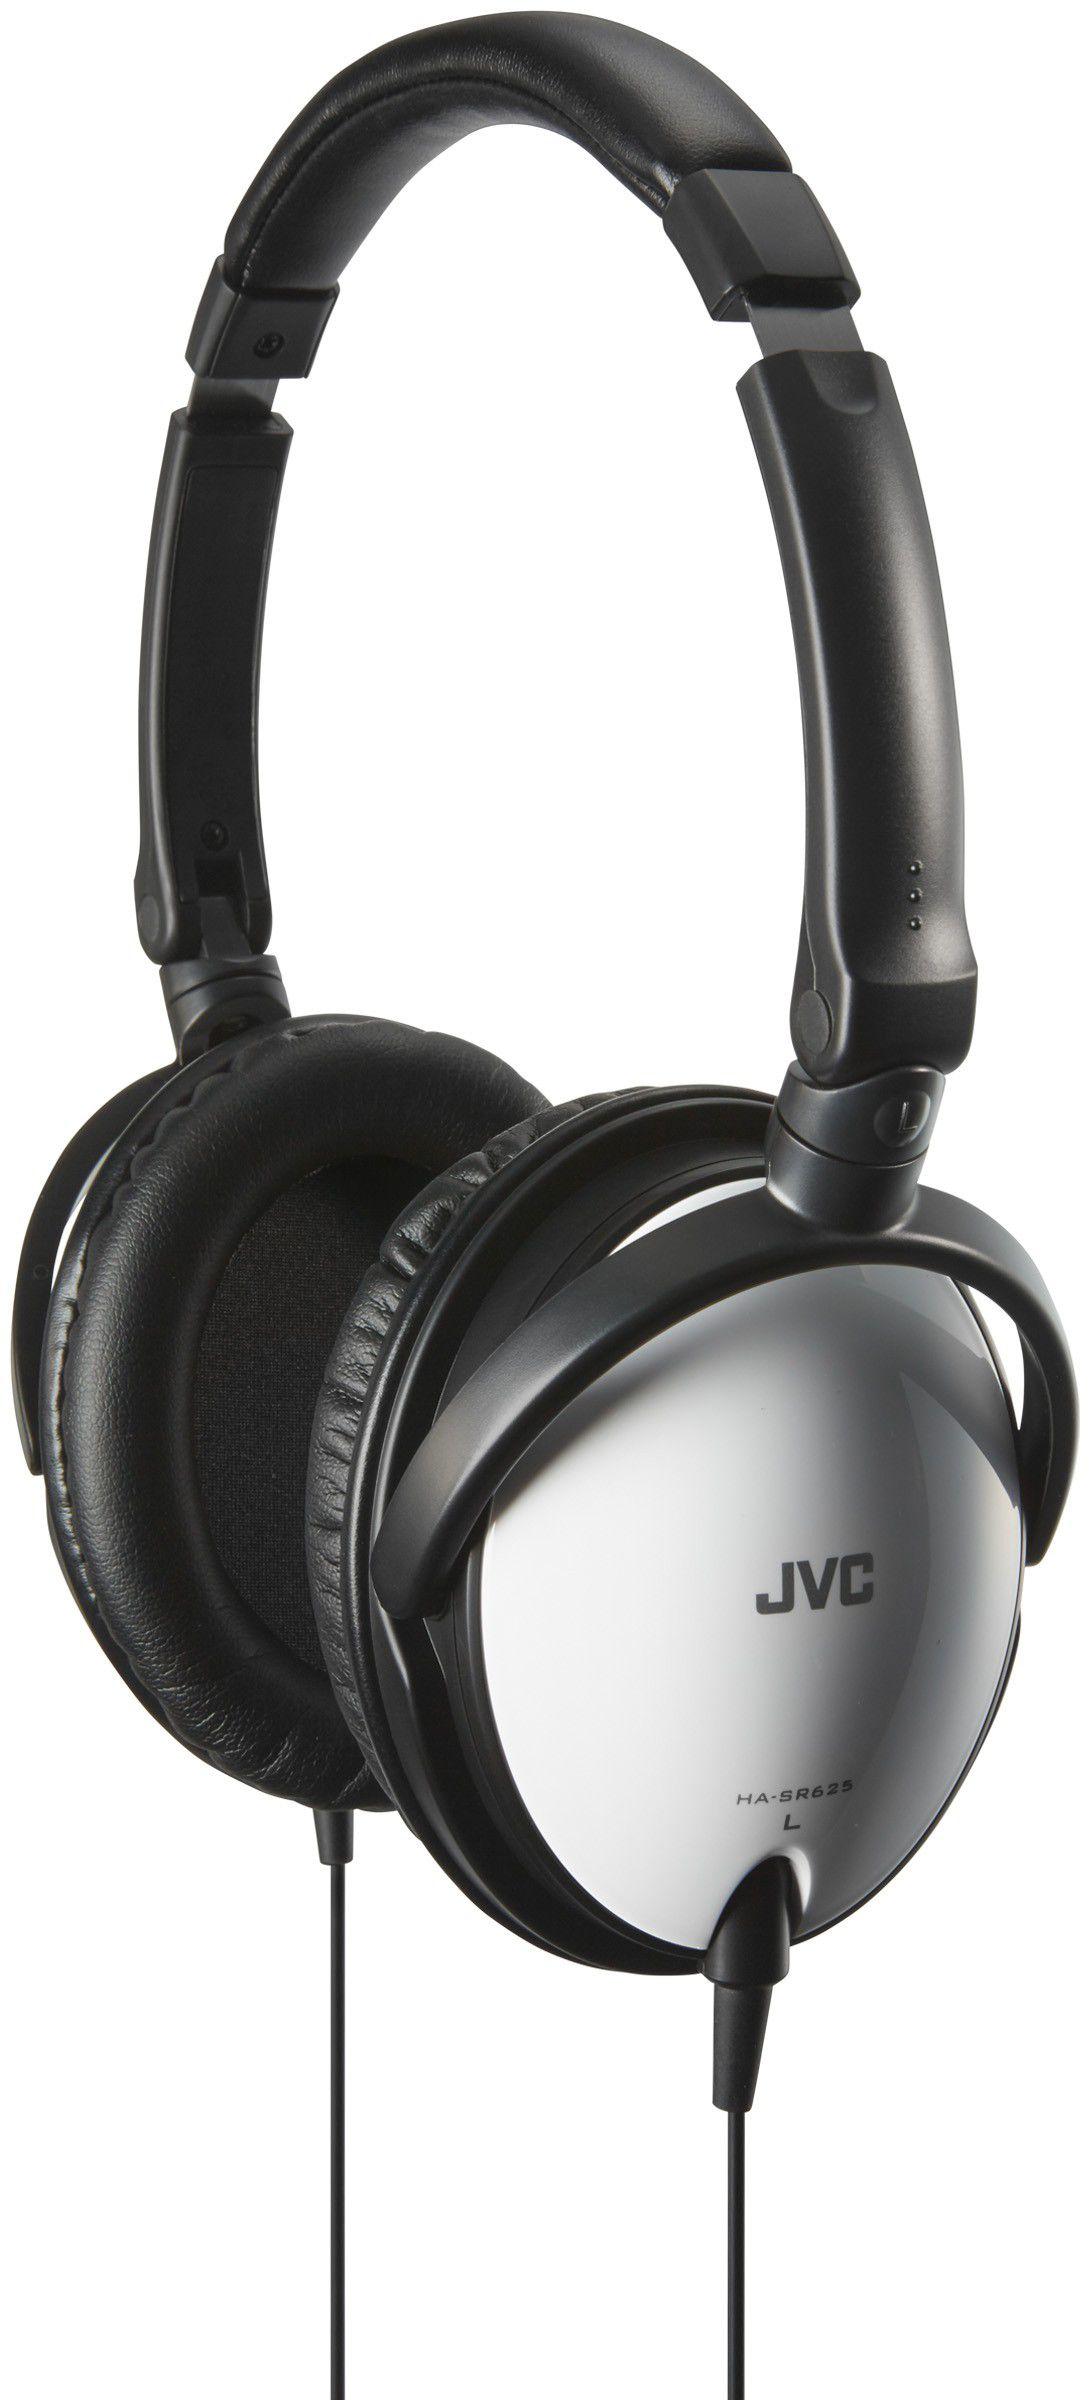 Jvc Commercialise Le Ha Sr625 Son Nouveau Casque Nomade Les